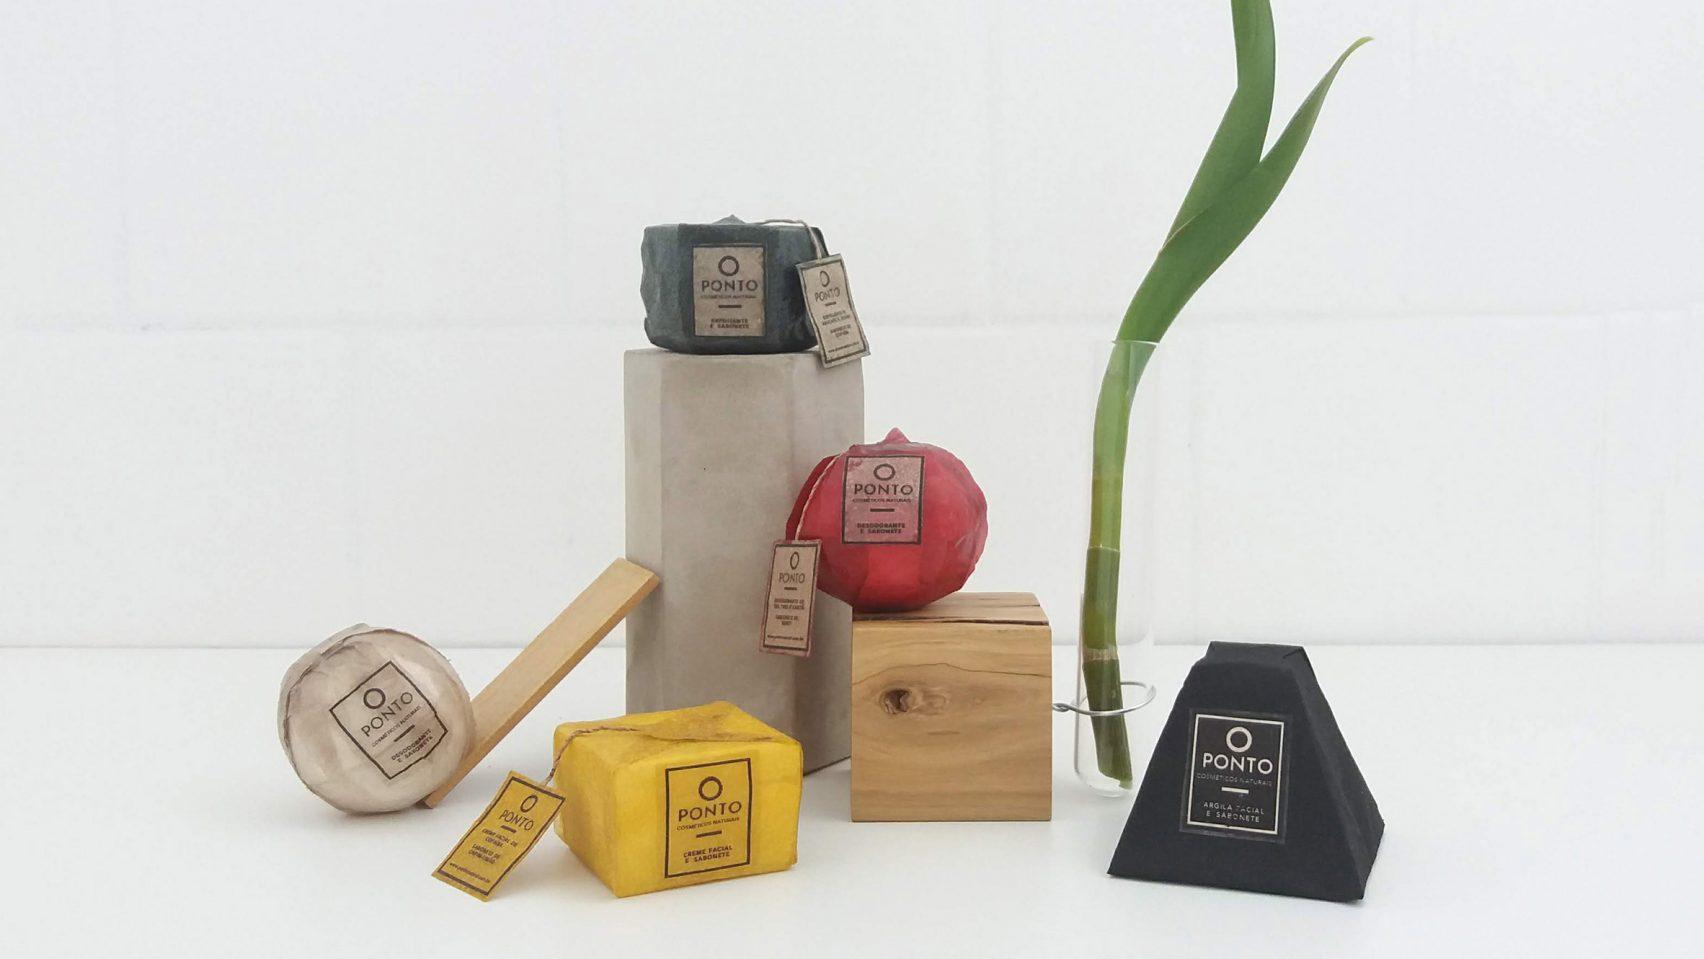 นวัตกรรมบรรจุภัณฑ์จากแบคทีเรีย ย่อยสลายได้ตามธรรมชาติ โดย Elena Amato นักออกแบบกัวเตมาลา